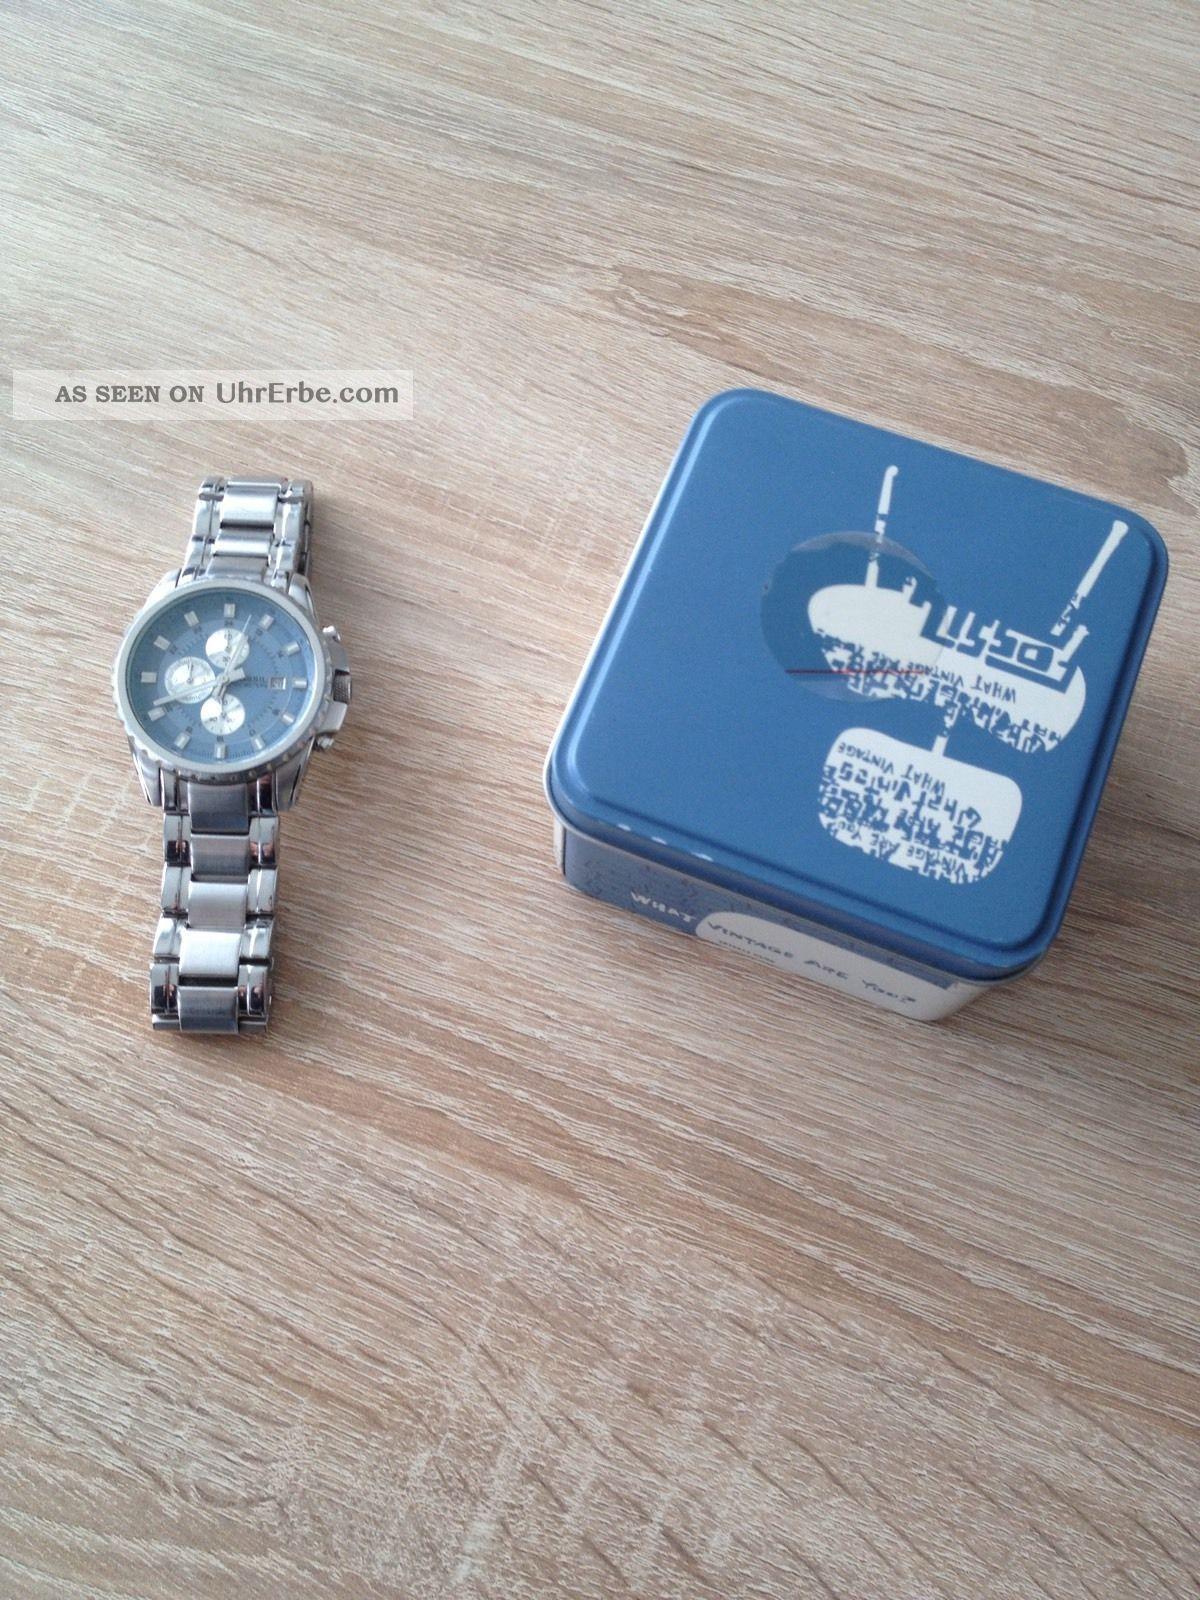 Fossil Herrenuhr / Neuwertig / Edle Optik Armbanduhren Bild